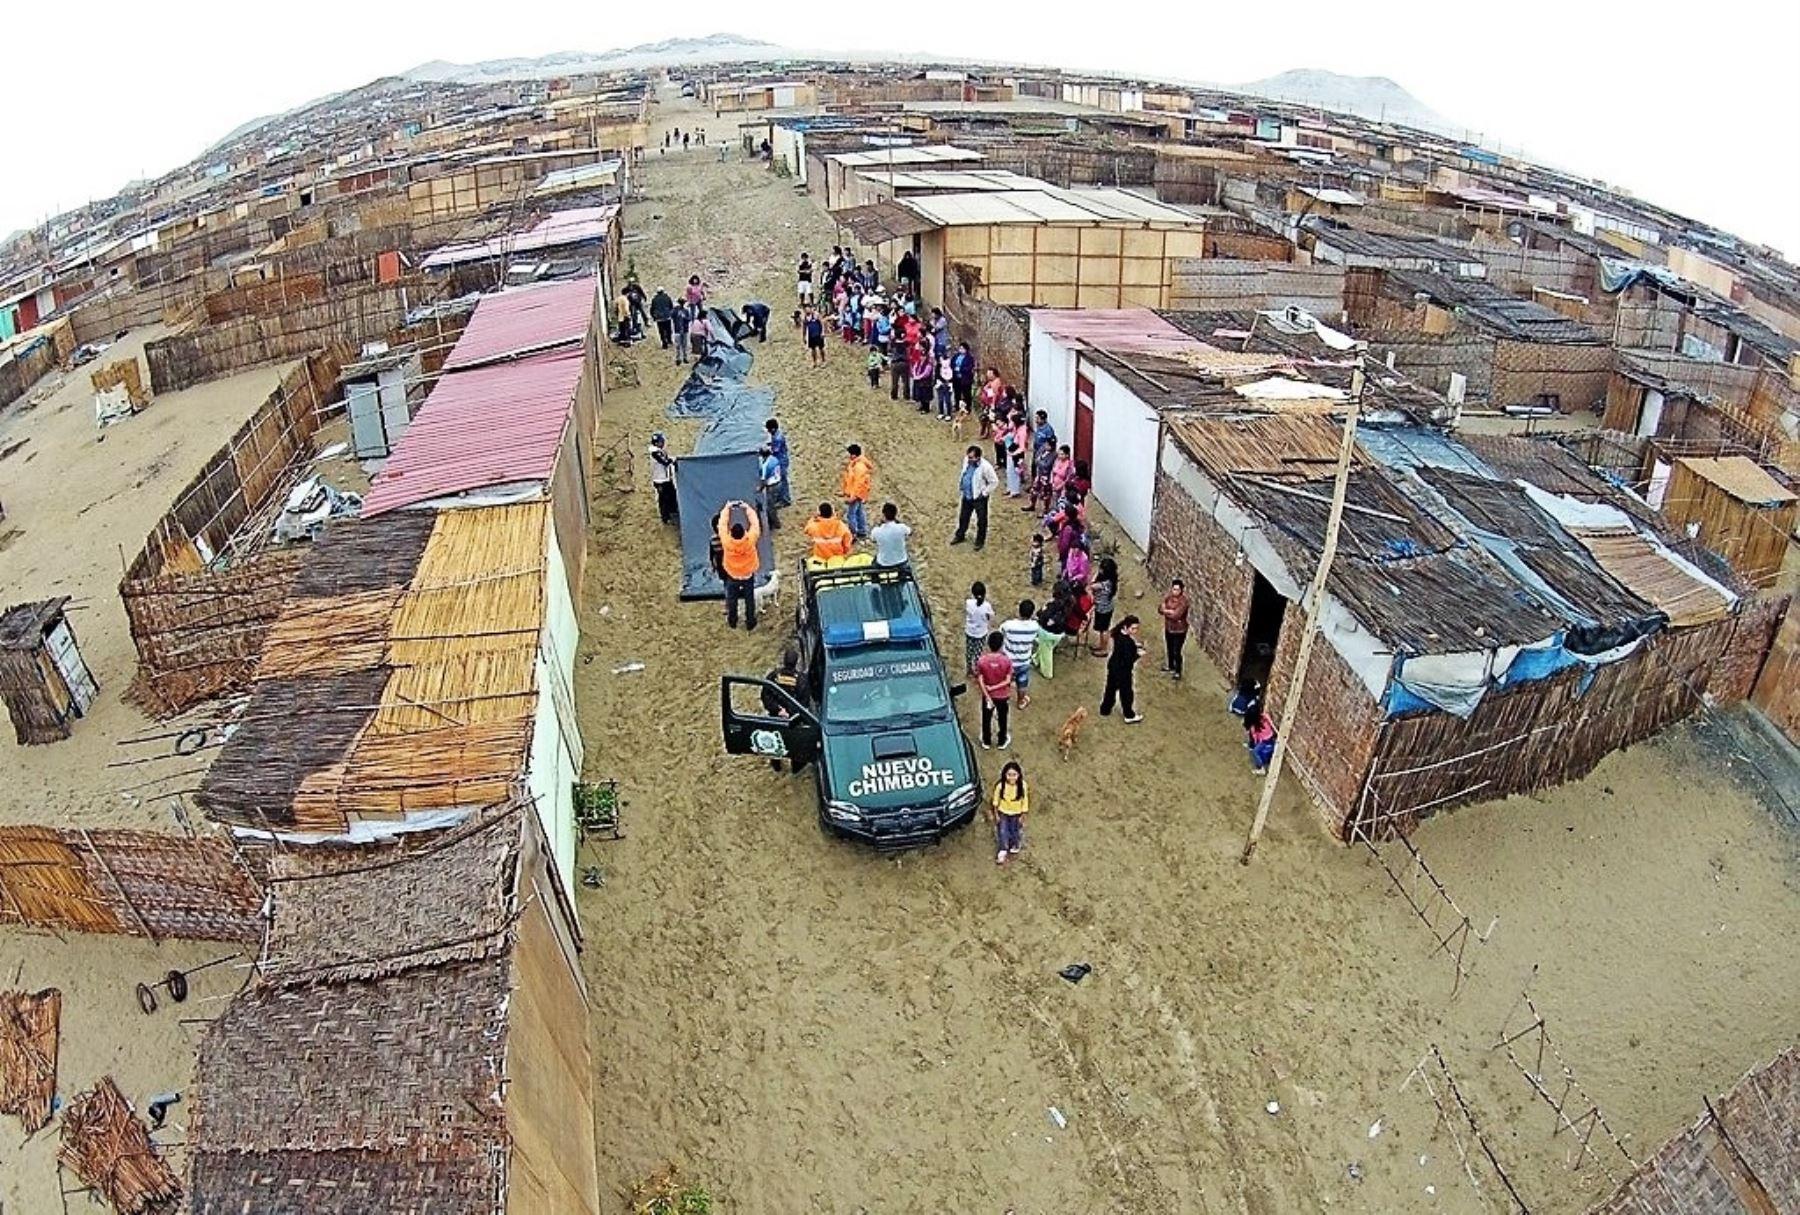 Proyecto Chinecas recuperará 217 hectáreas invadidas en Nuevo Chimbote, afirma gerente Edilberto Ñique. ANDINA